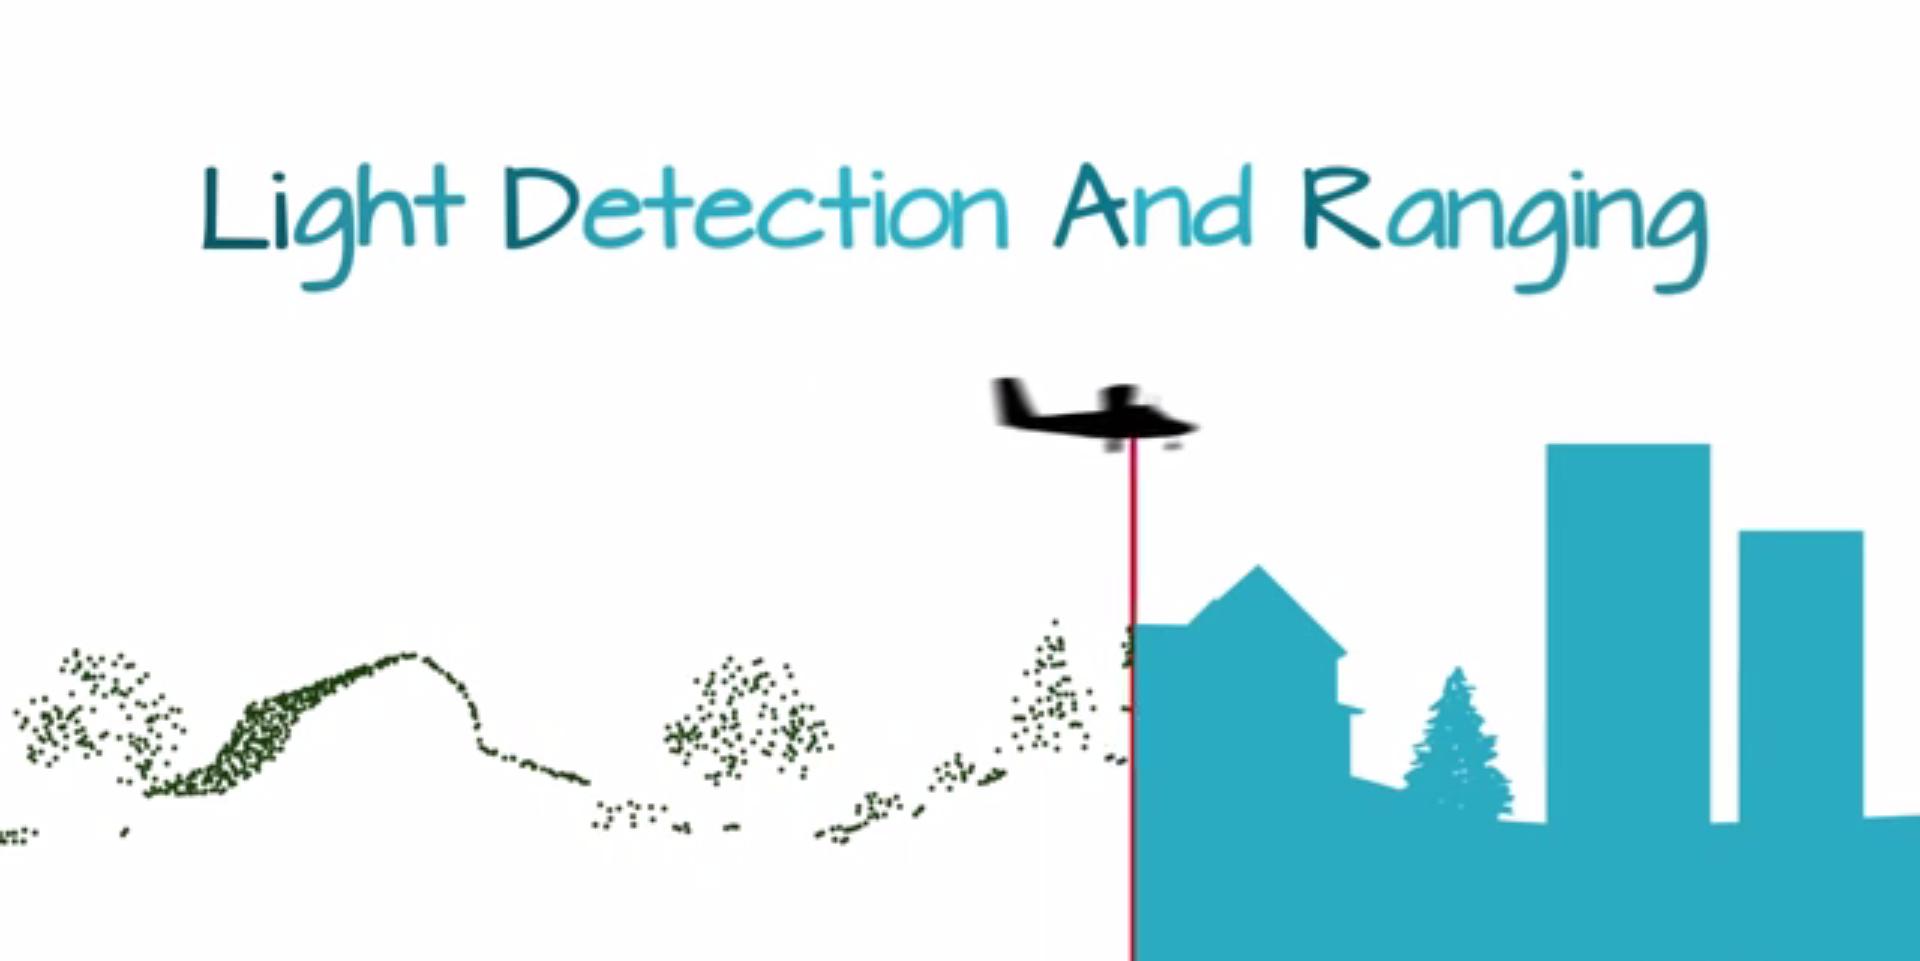 LiDAR and Remote Sensing